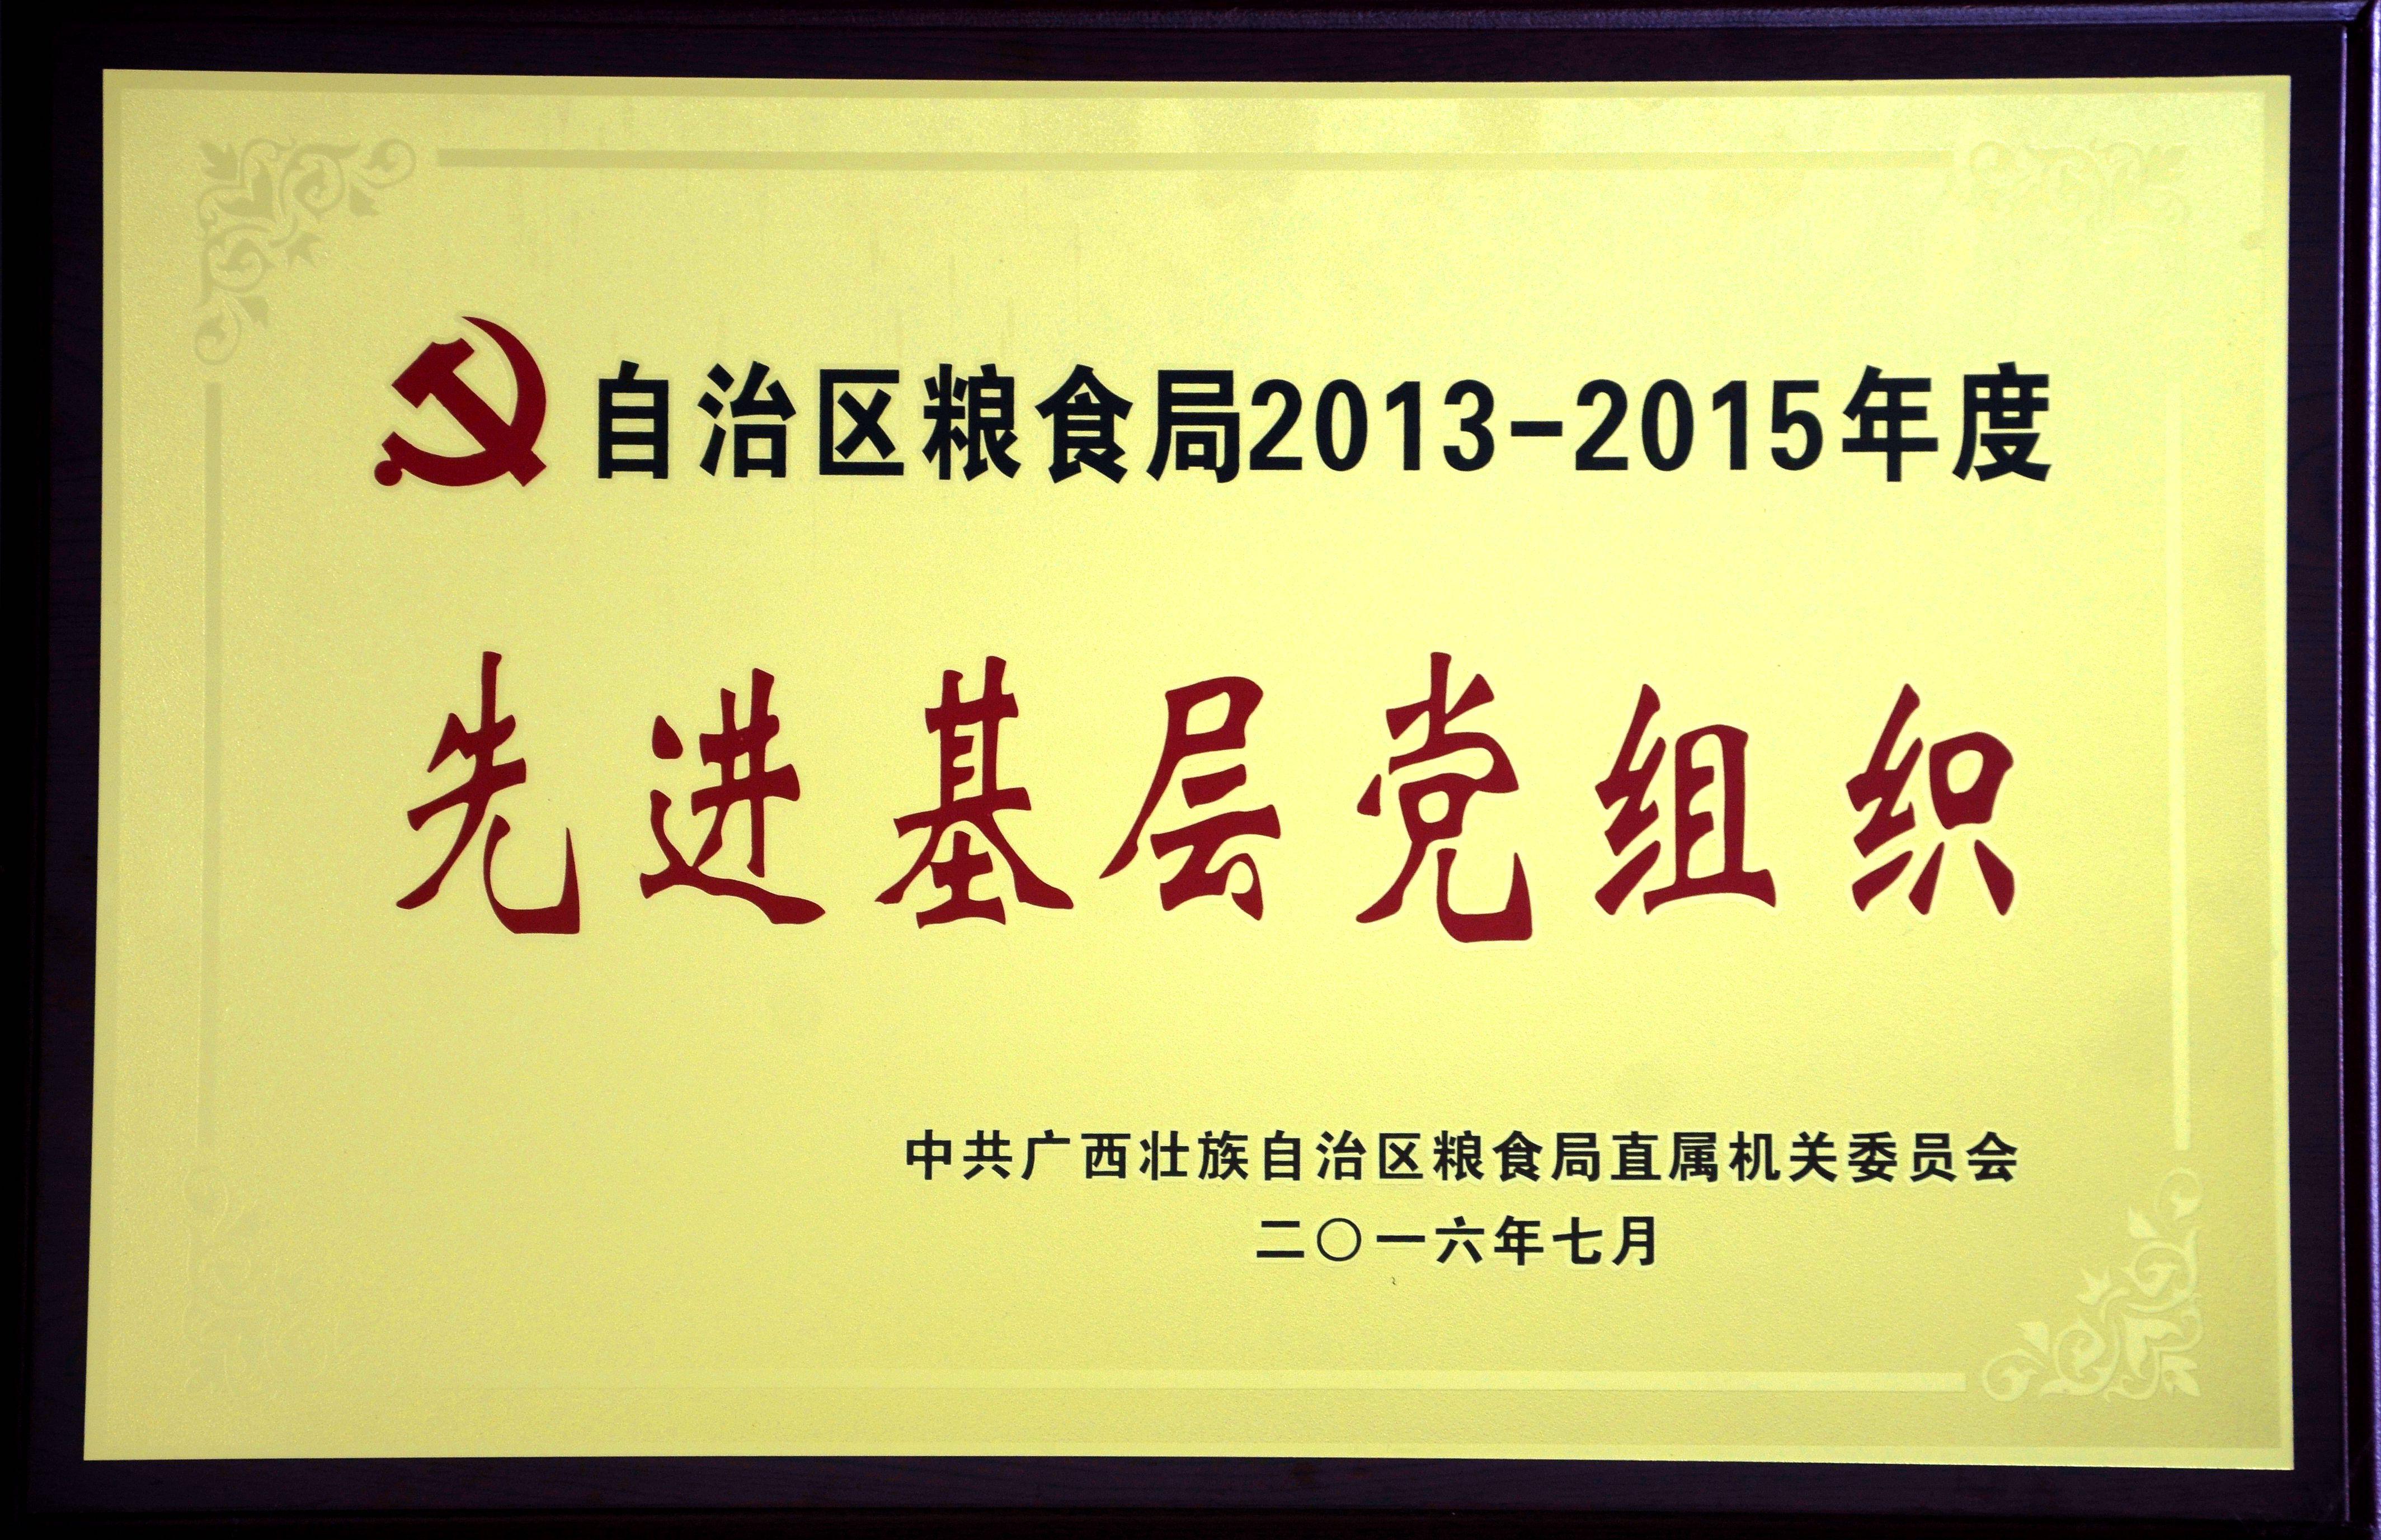 2016先进基层党组织(2013-2015年度).jpg